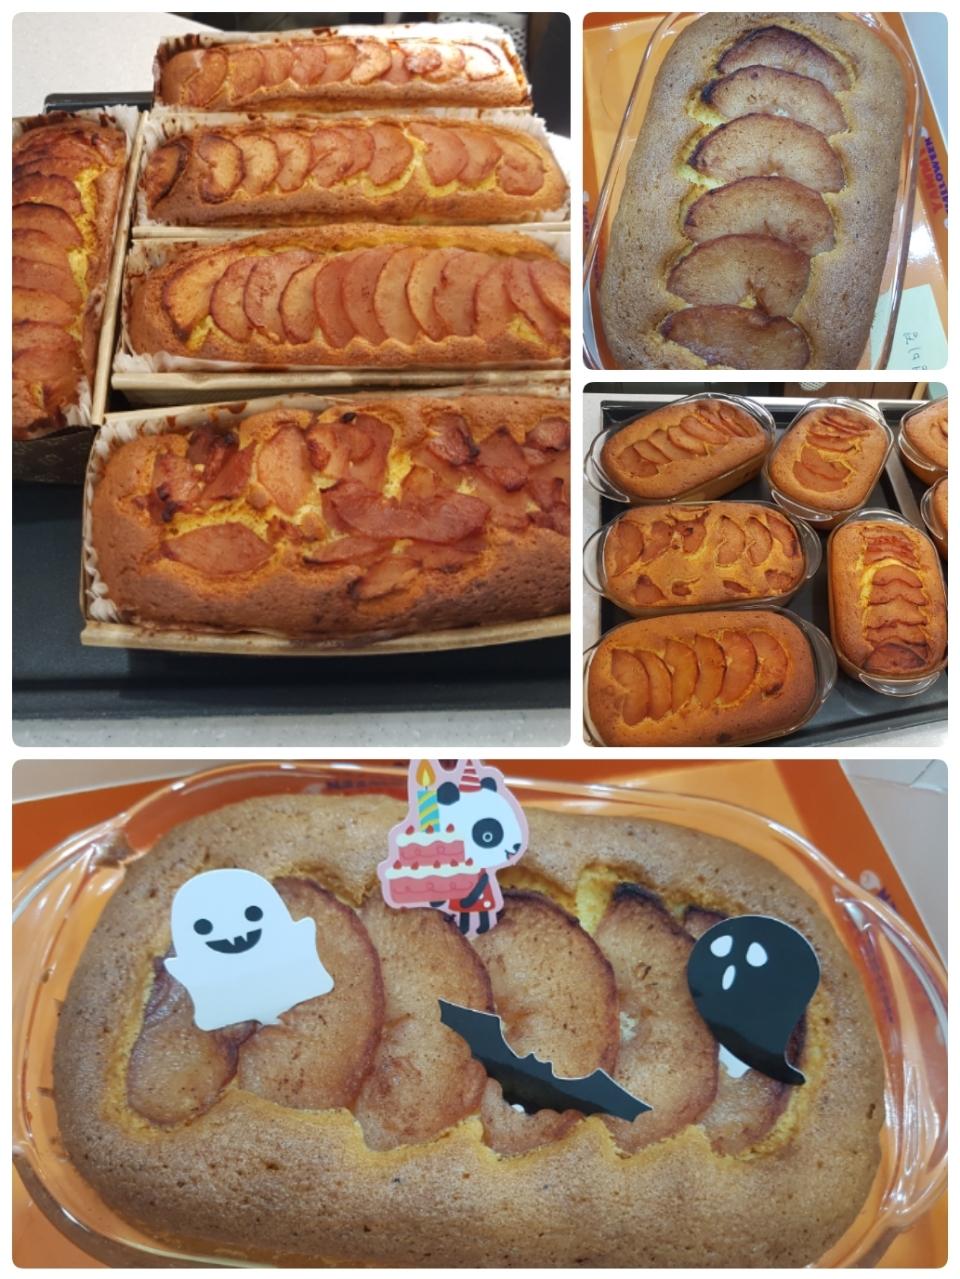 [락앤락 원데이클래스] 착한 홈베이킹 - 사과 파운드케이크